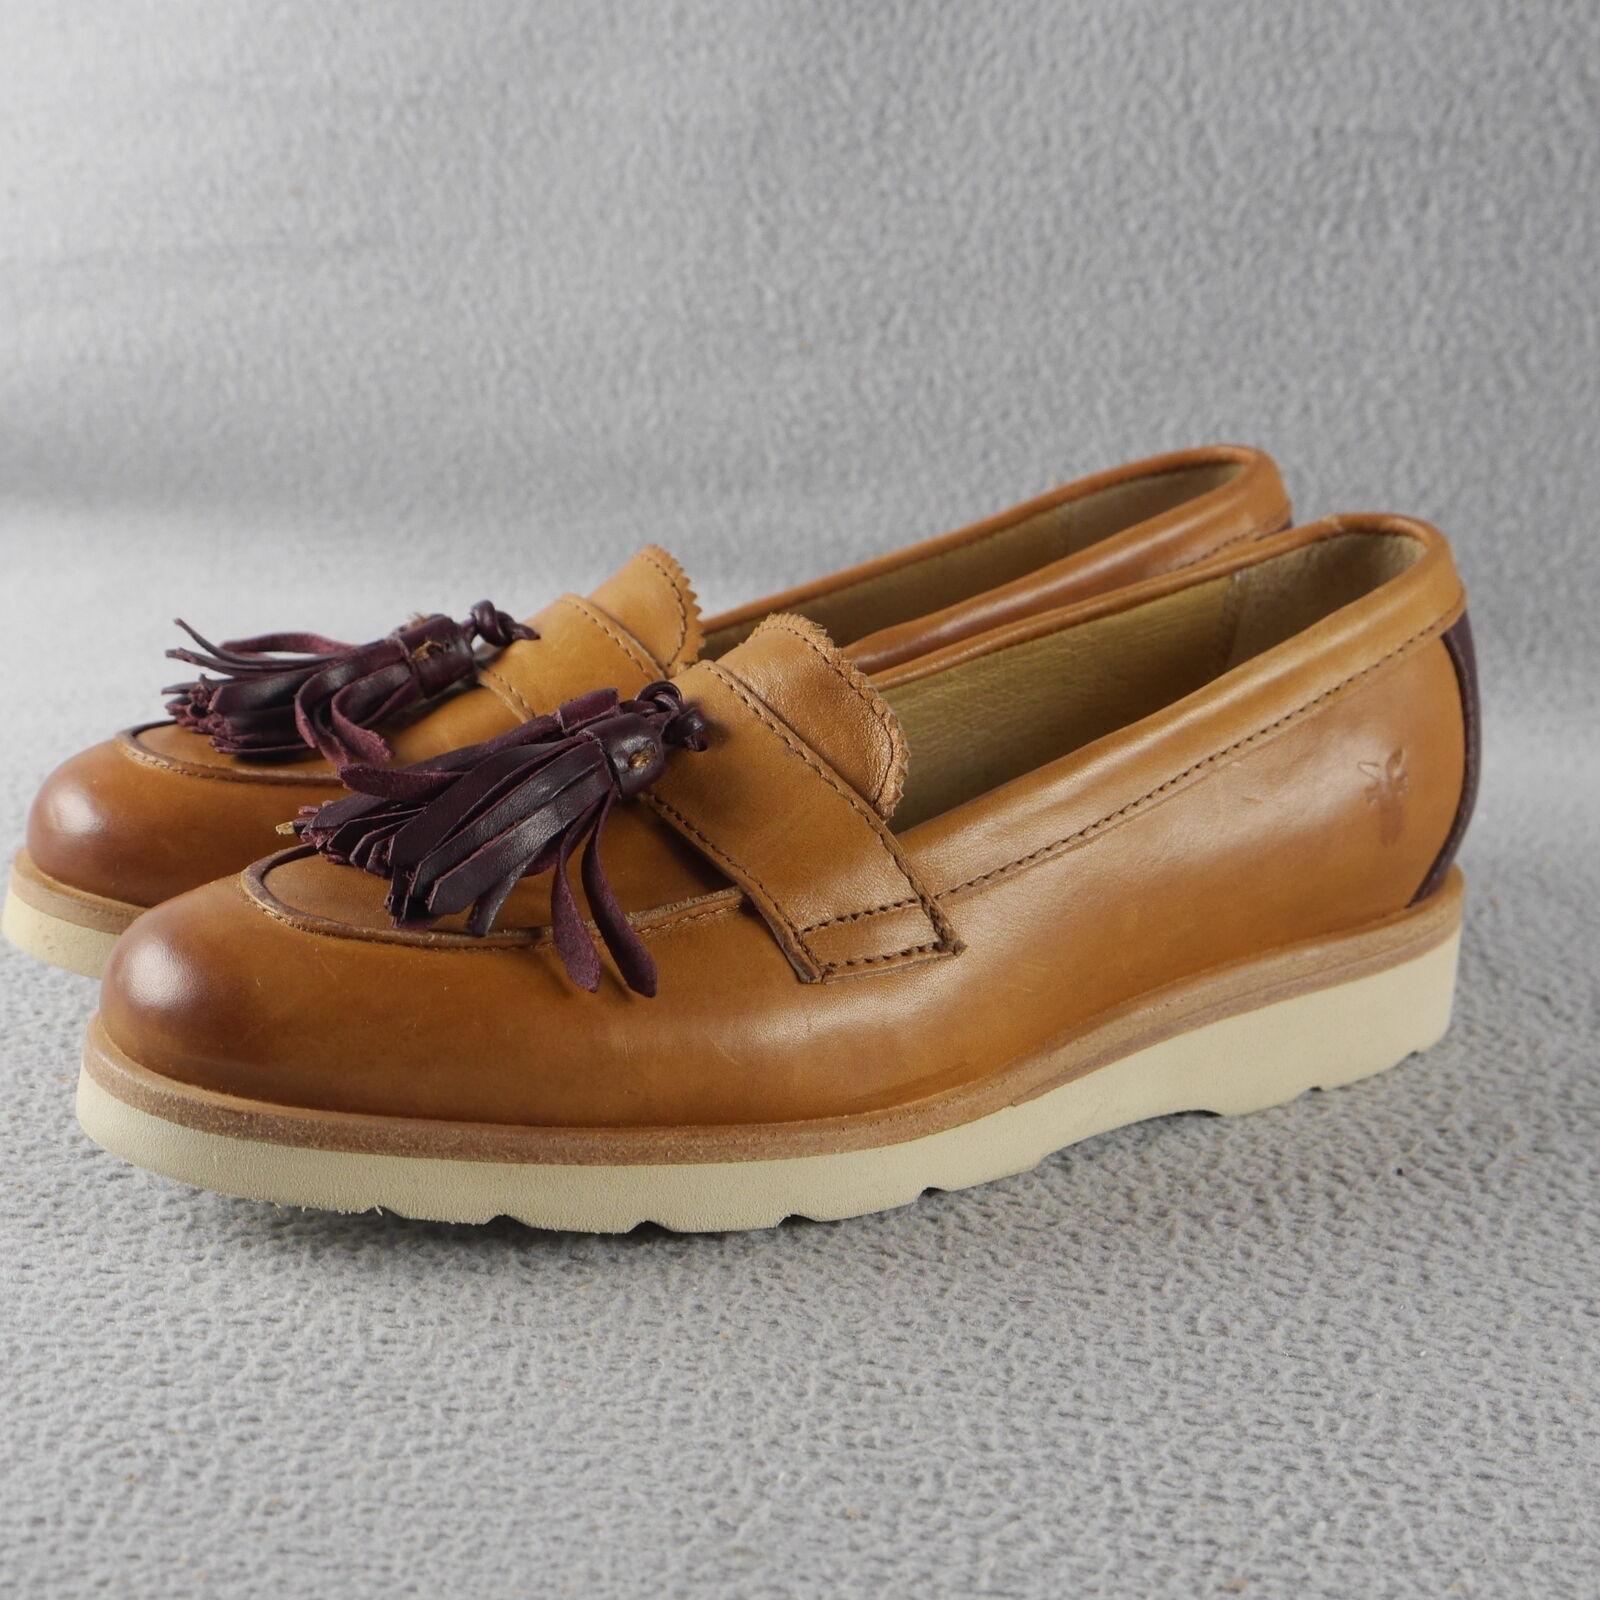 NIB FRYE TASSELED Jade Monk Loafer Loafer Monk TAN LEATHER W/BURG Women's Sizes ANB dd9381